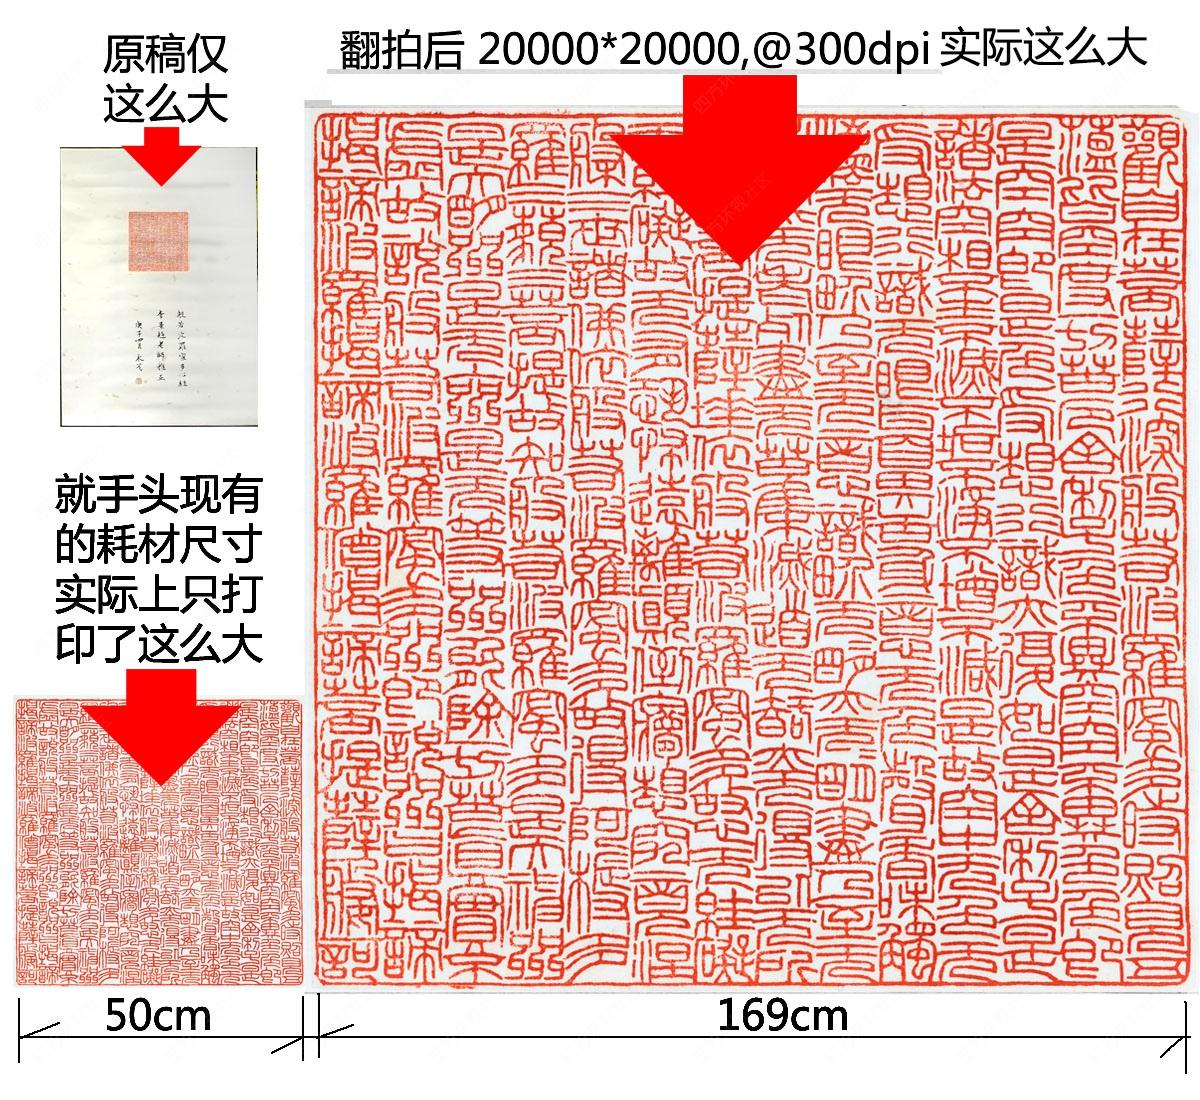 原稿与翻拍文件打印尺寸的比例对照.jpg